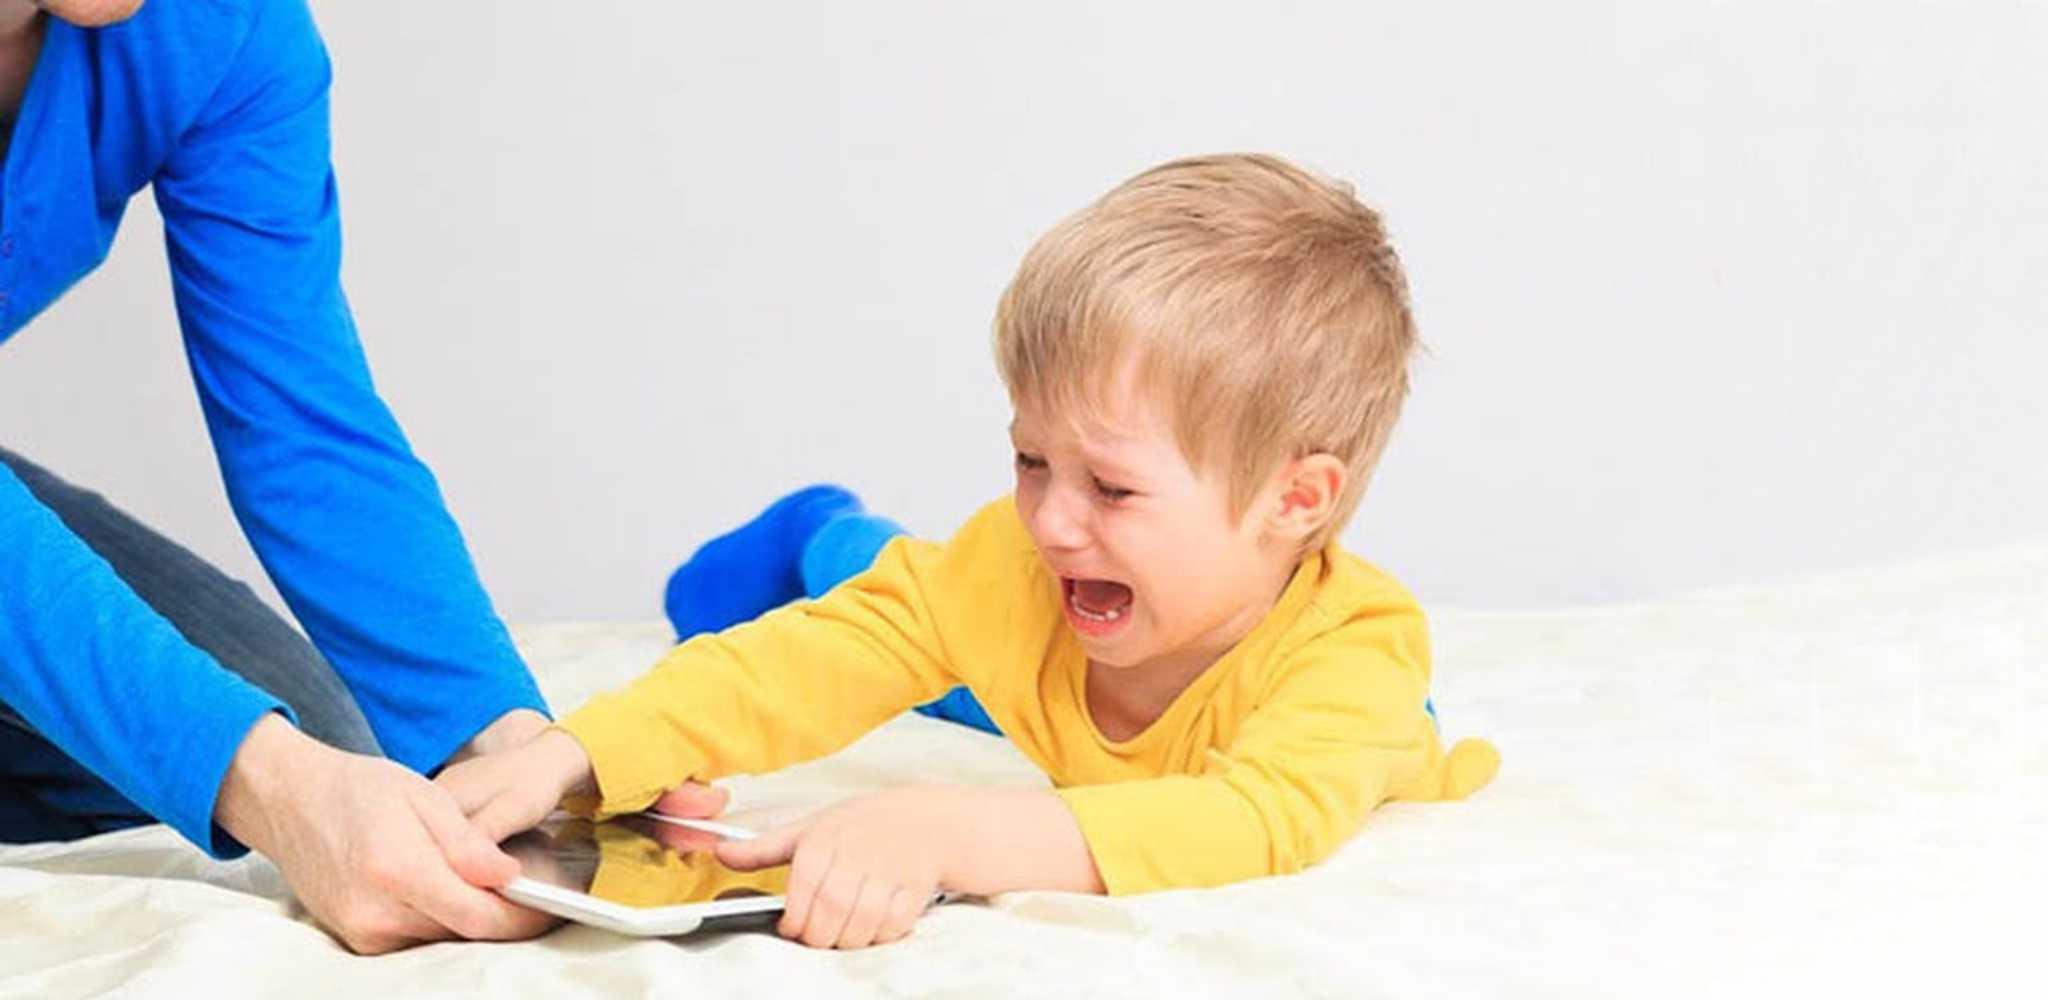 Αποτέλεσμα εικόνας για οταν το παιδι δεν συνεργαζεται